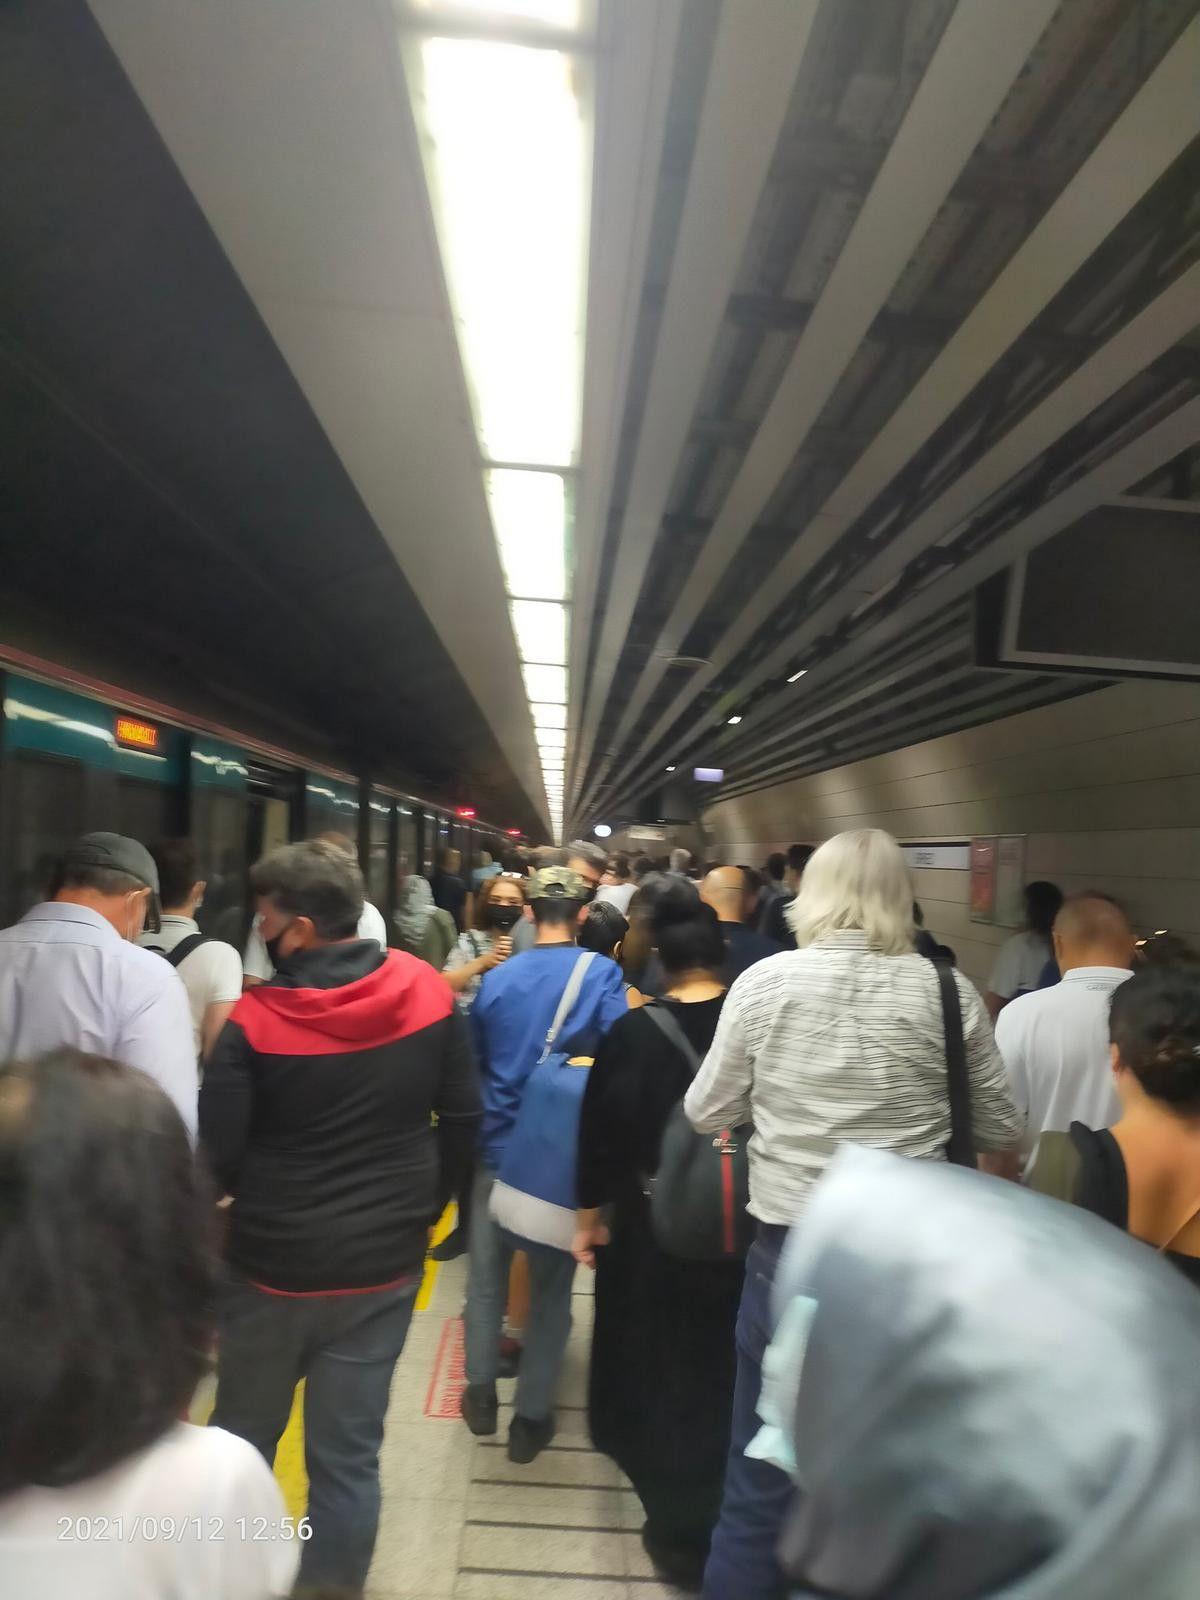 Marmaray arızalandı, yolcular rayların üzerinde yürüdü #8